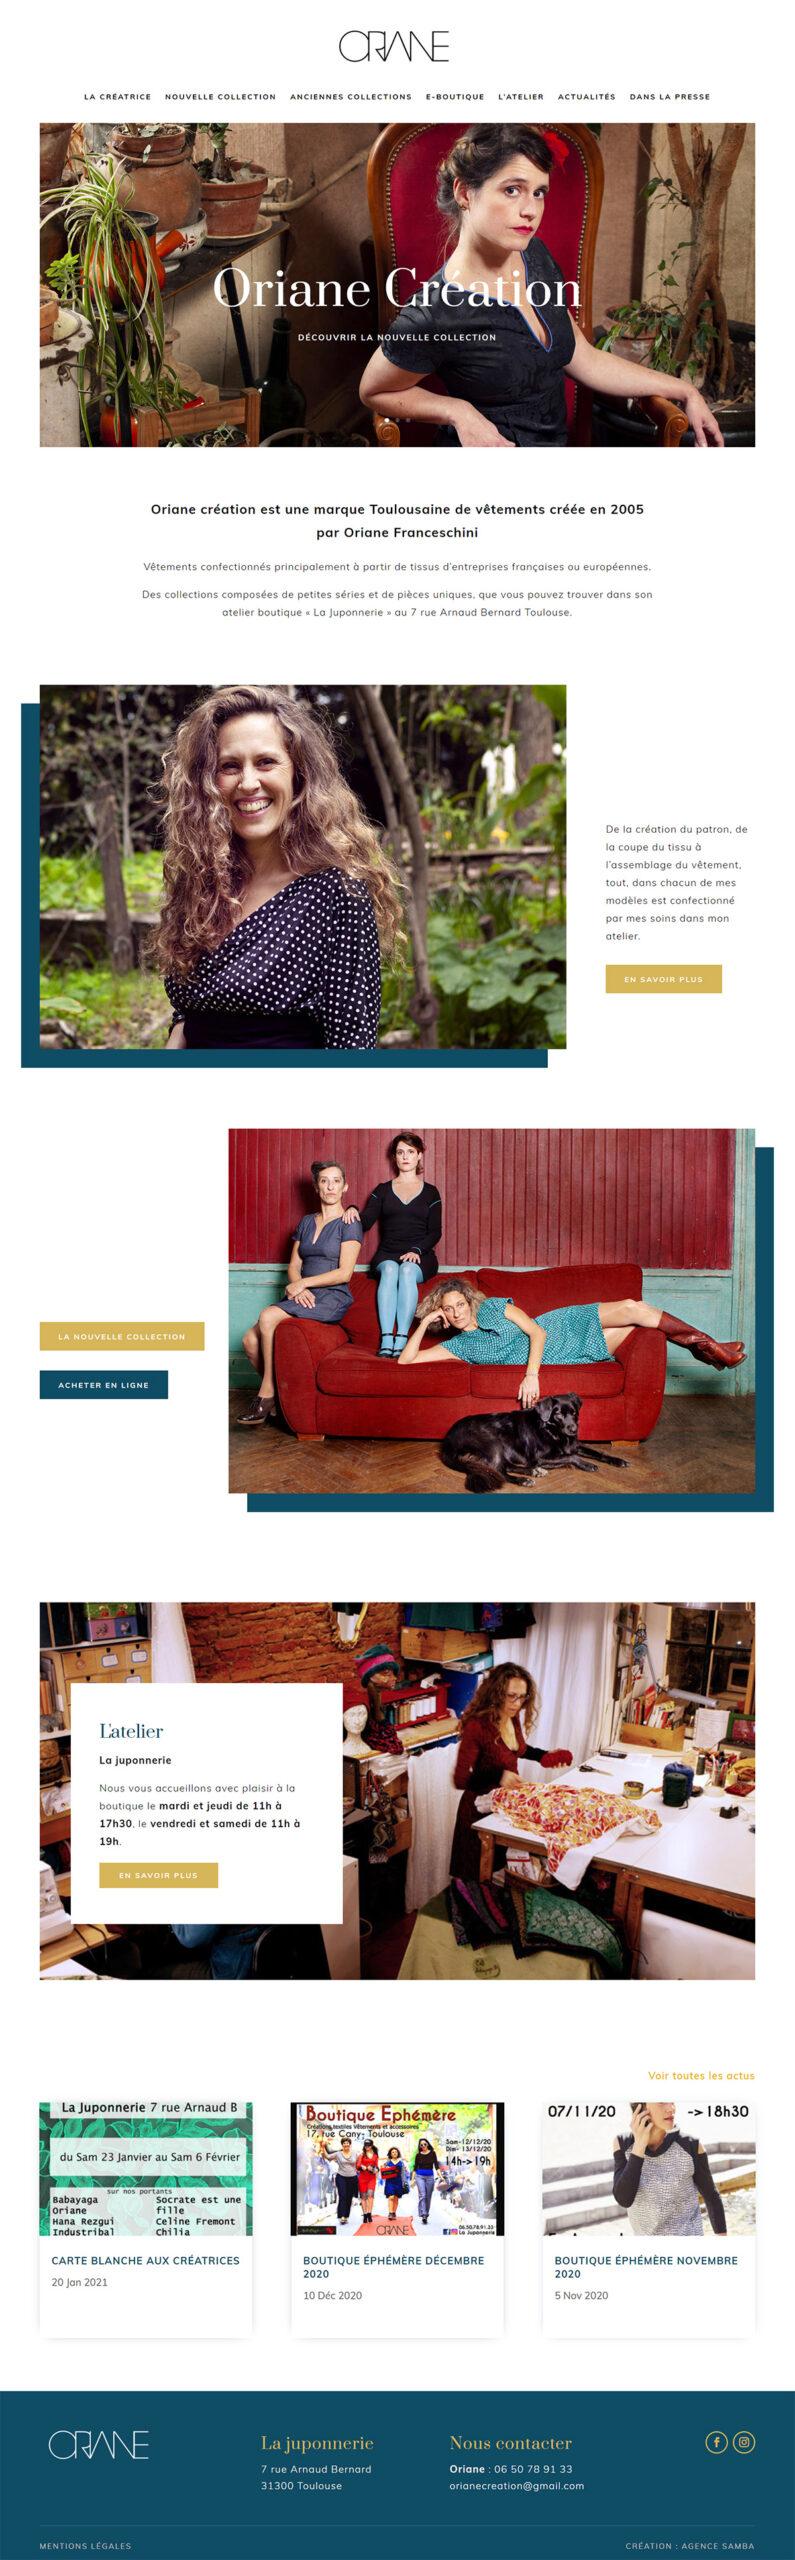 Site web e-shop e-commerce Oriane Création